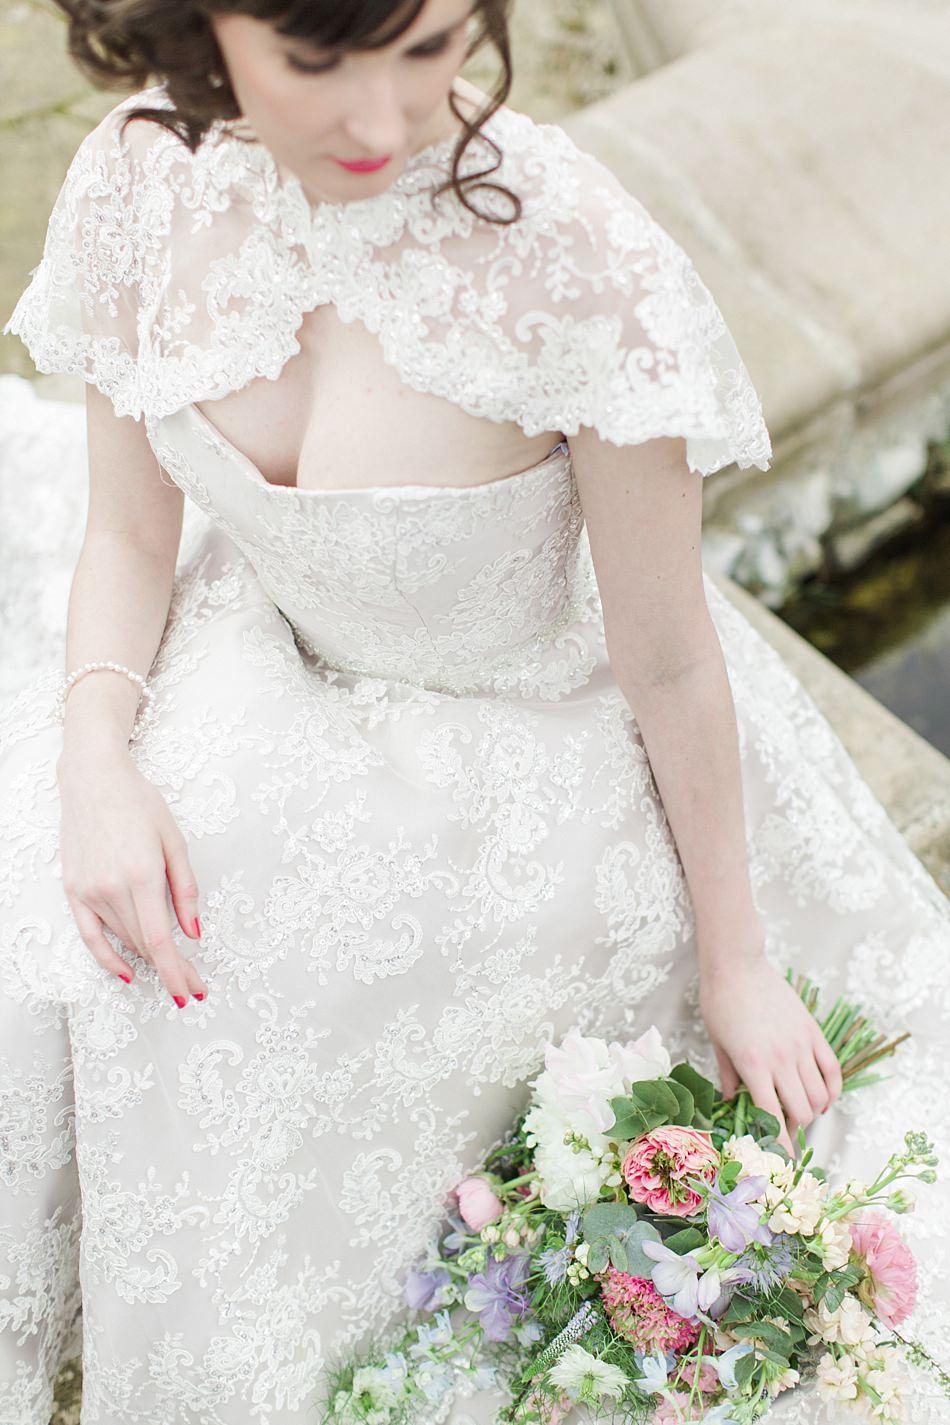 wedding ardkinglas Loch fyne 2-13.jpg